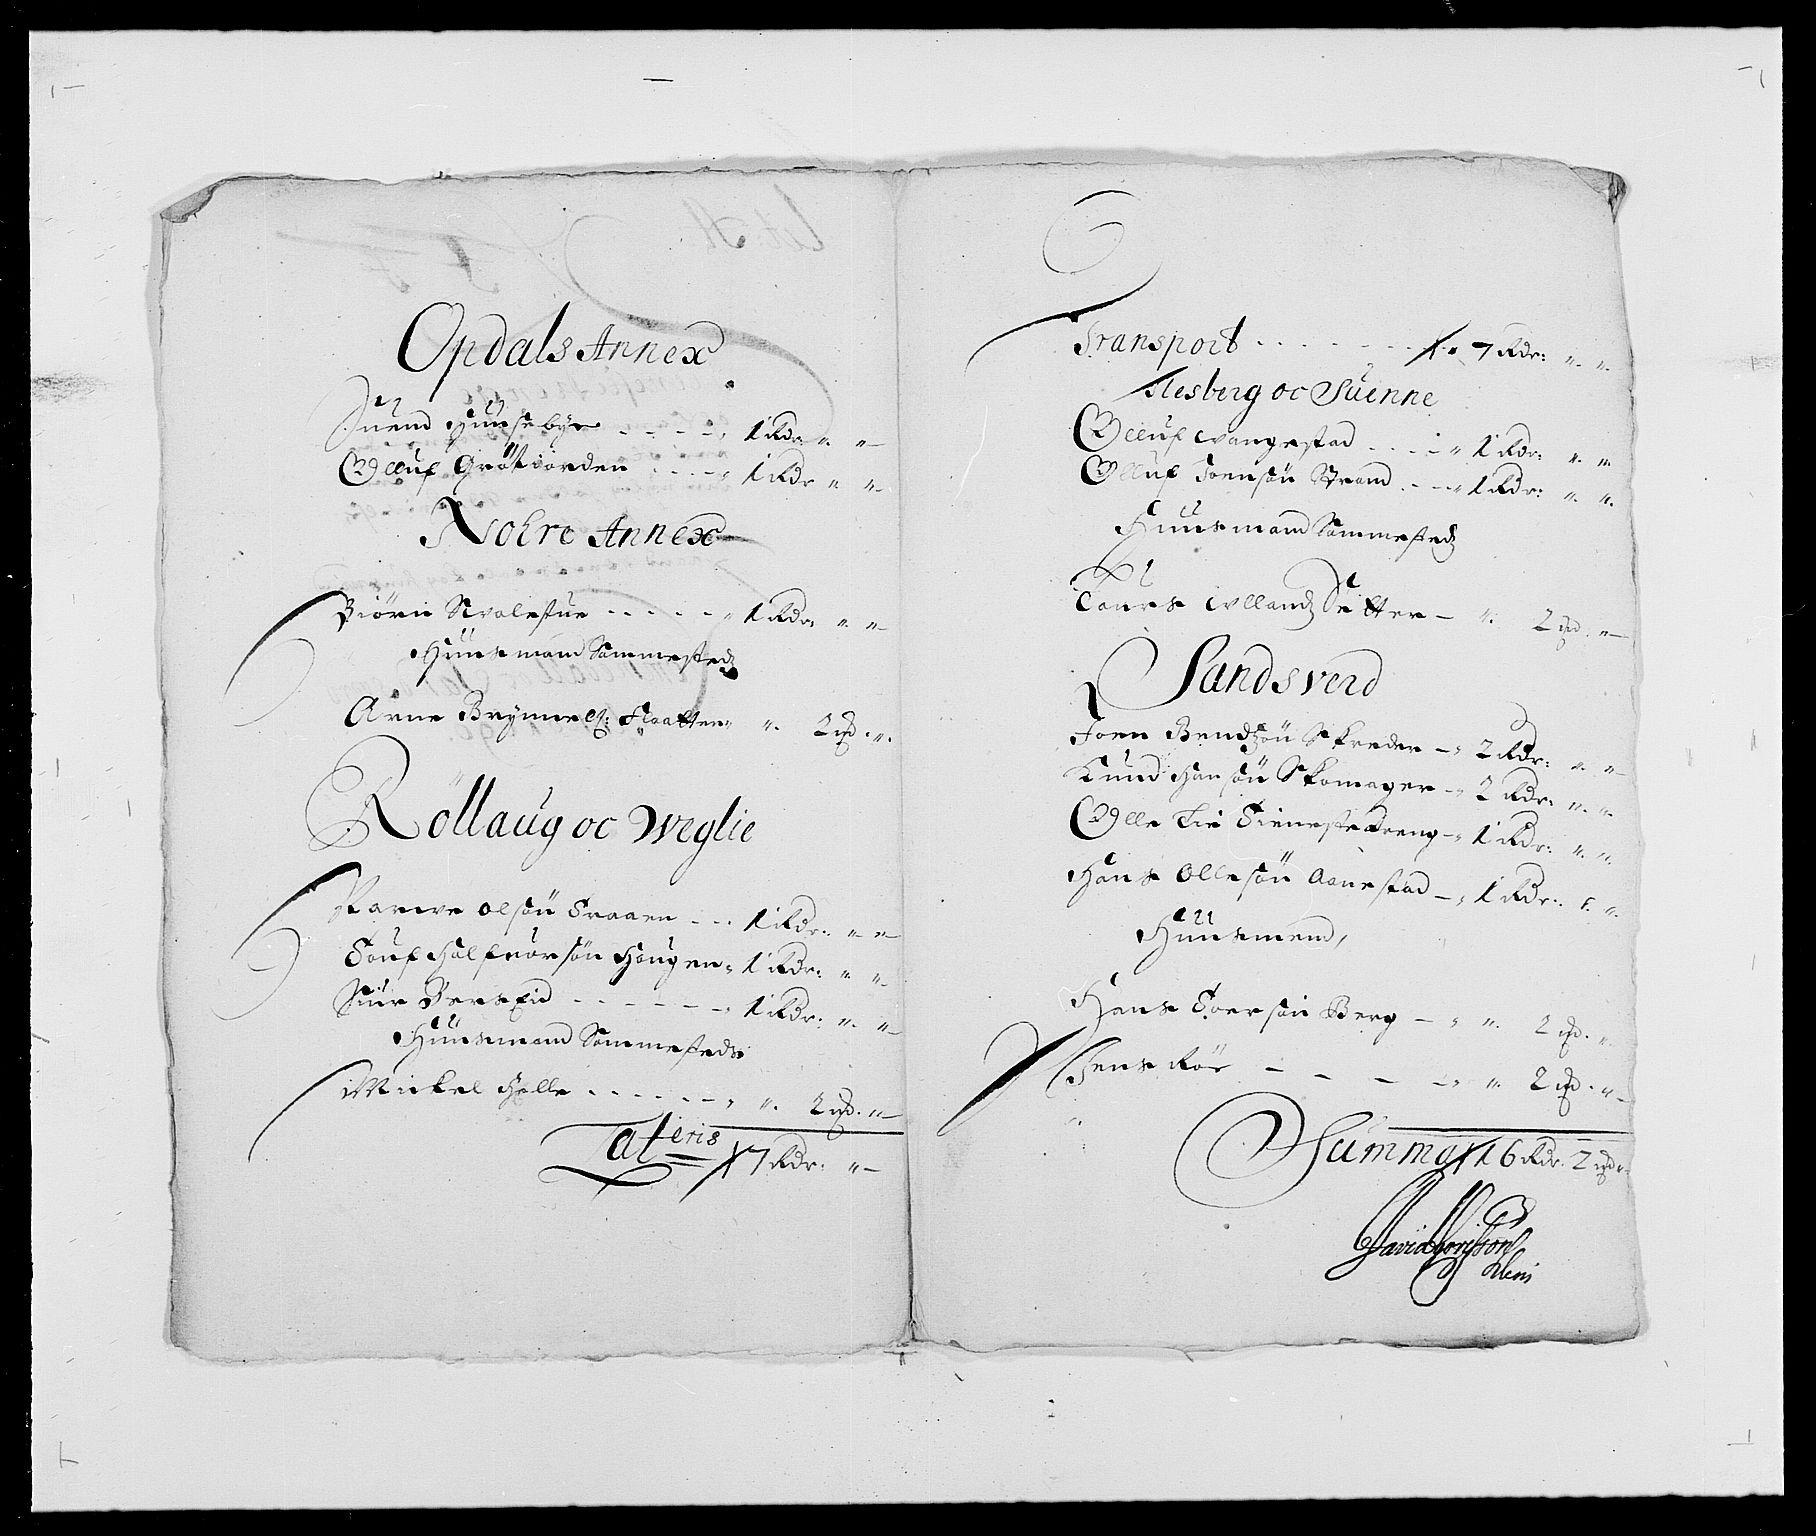 RA, Rentekammeret inntil 1814, Reviderte regnskaper, Fogderegnskap, R24/L1573: Fogderegnskap Numedal og Sandsvær, 1687-1691, s. 451